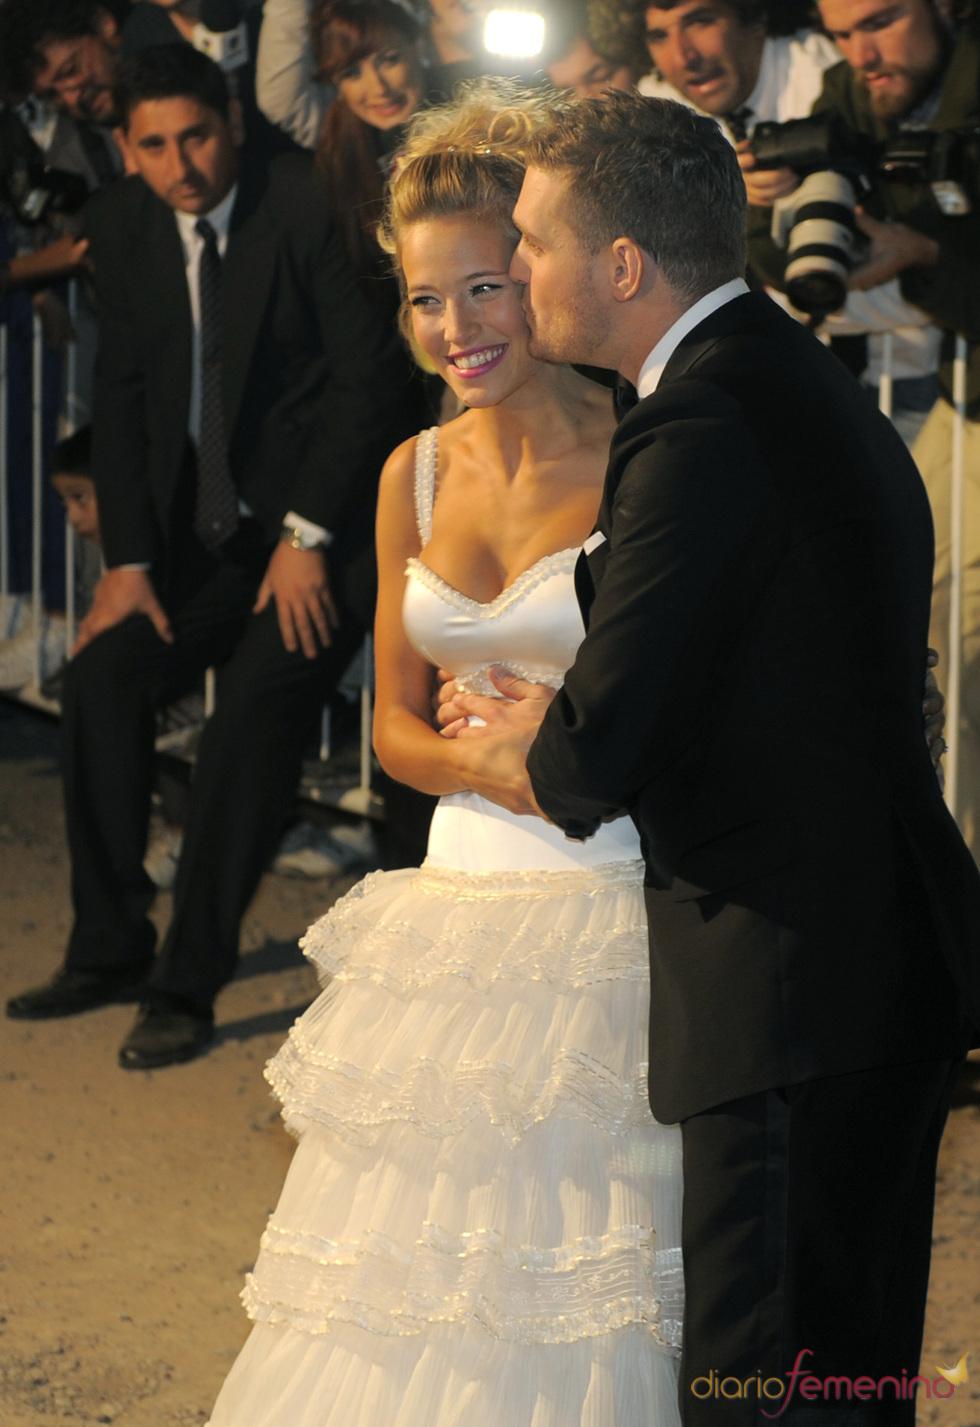 Michael Bublé y Luisana Lopilato felices en su boda religiosa